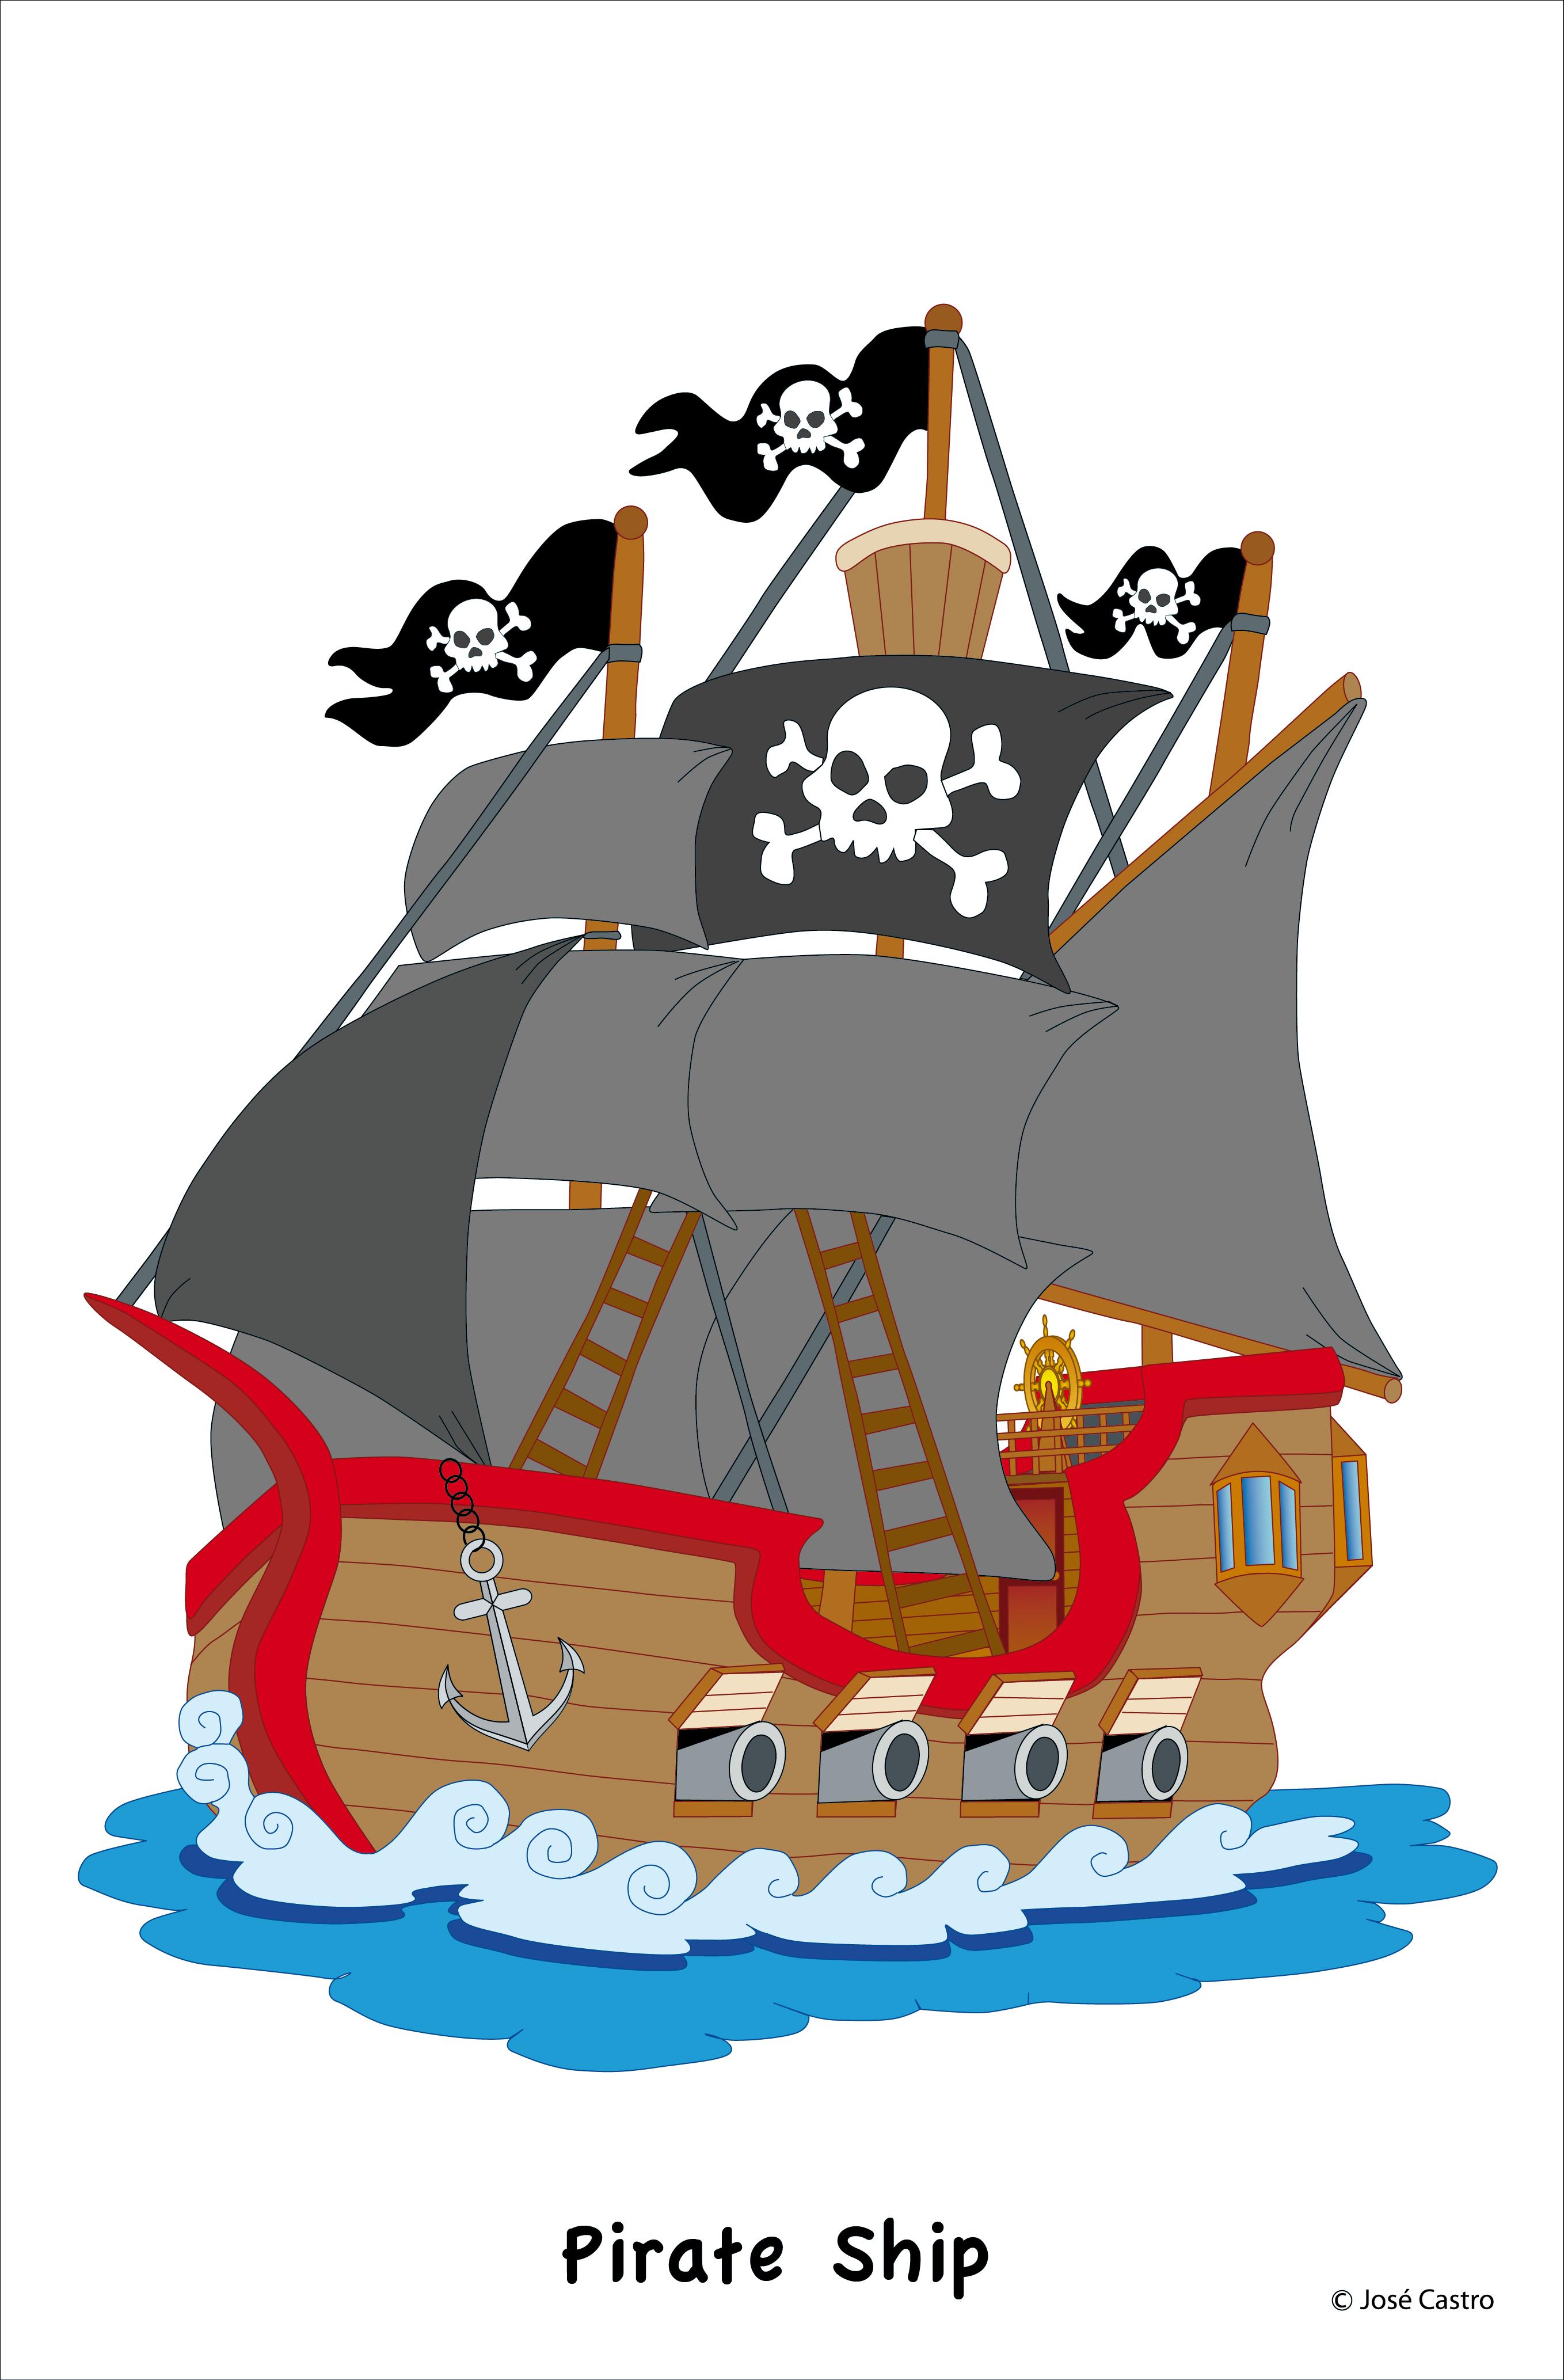 Котик, картинка пираты на корабле для детей